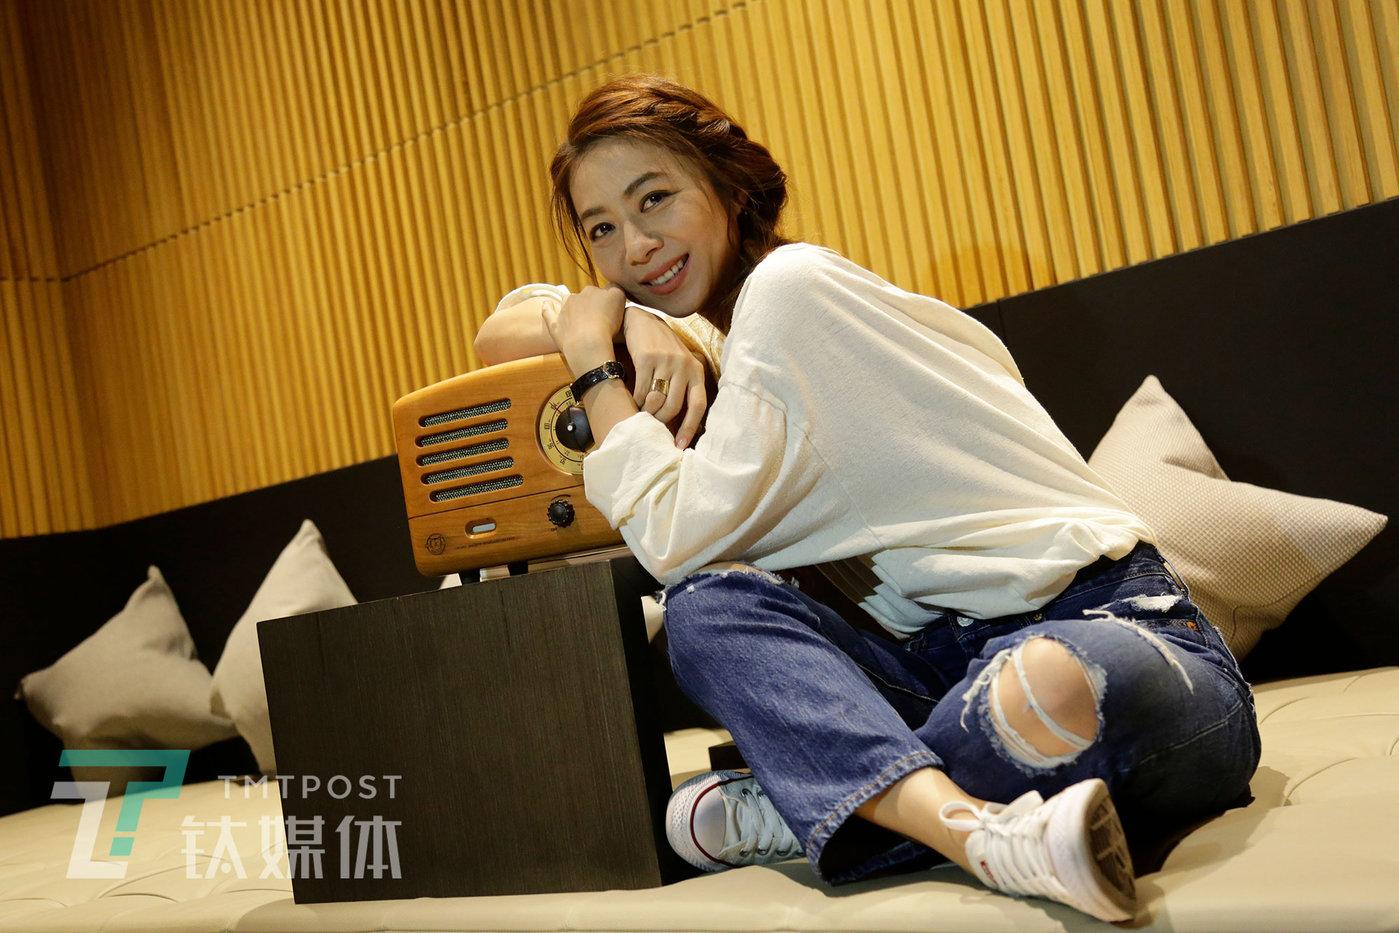 8月23日,河北秦皇岛阿那亚,歌手陈绮贞在接收媒体采访的间隙。当天的猫王收音机秋季新品发布会上,陈绮贞正式成为猫王首位亚太区品牌代言人。